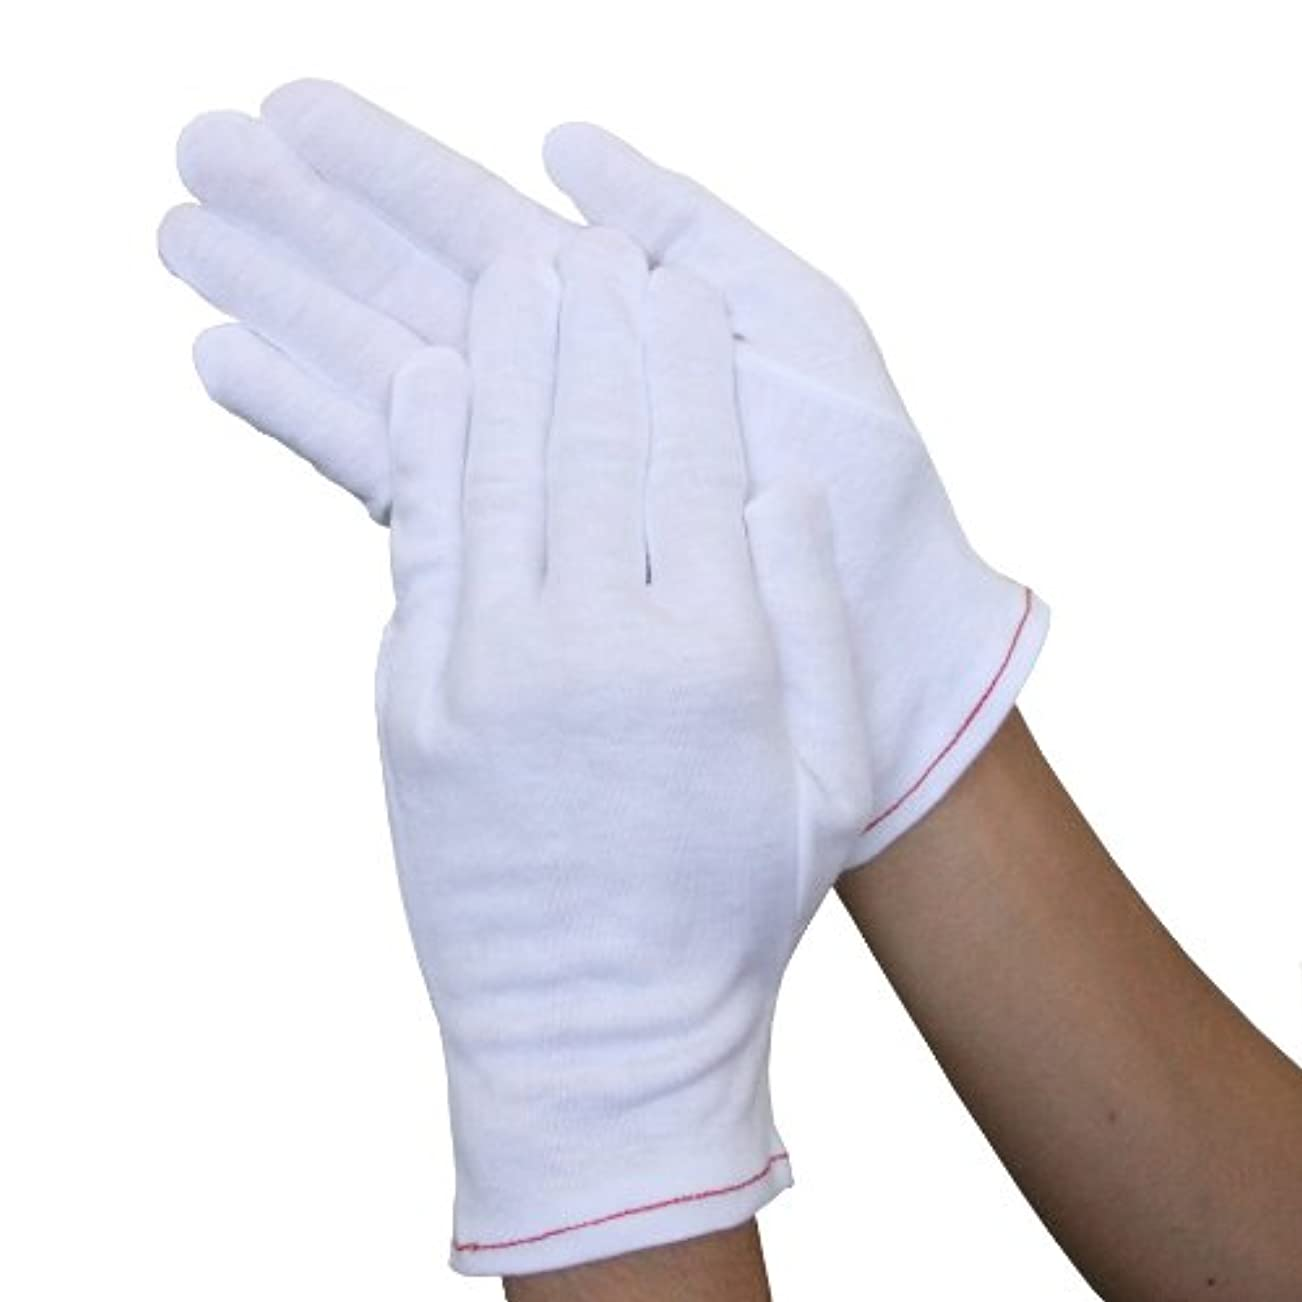 開発する偶然貯水池ウインセス 【心地よい肌触り/おやすみ手袋】 綿100%手袋 (2双) (LL)